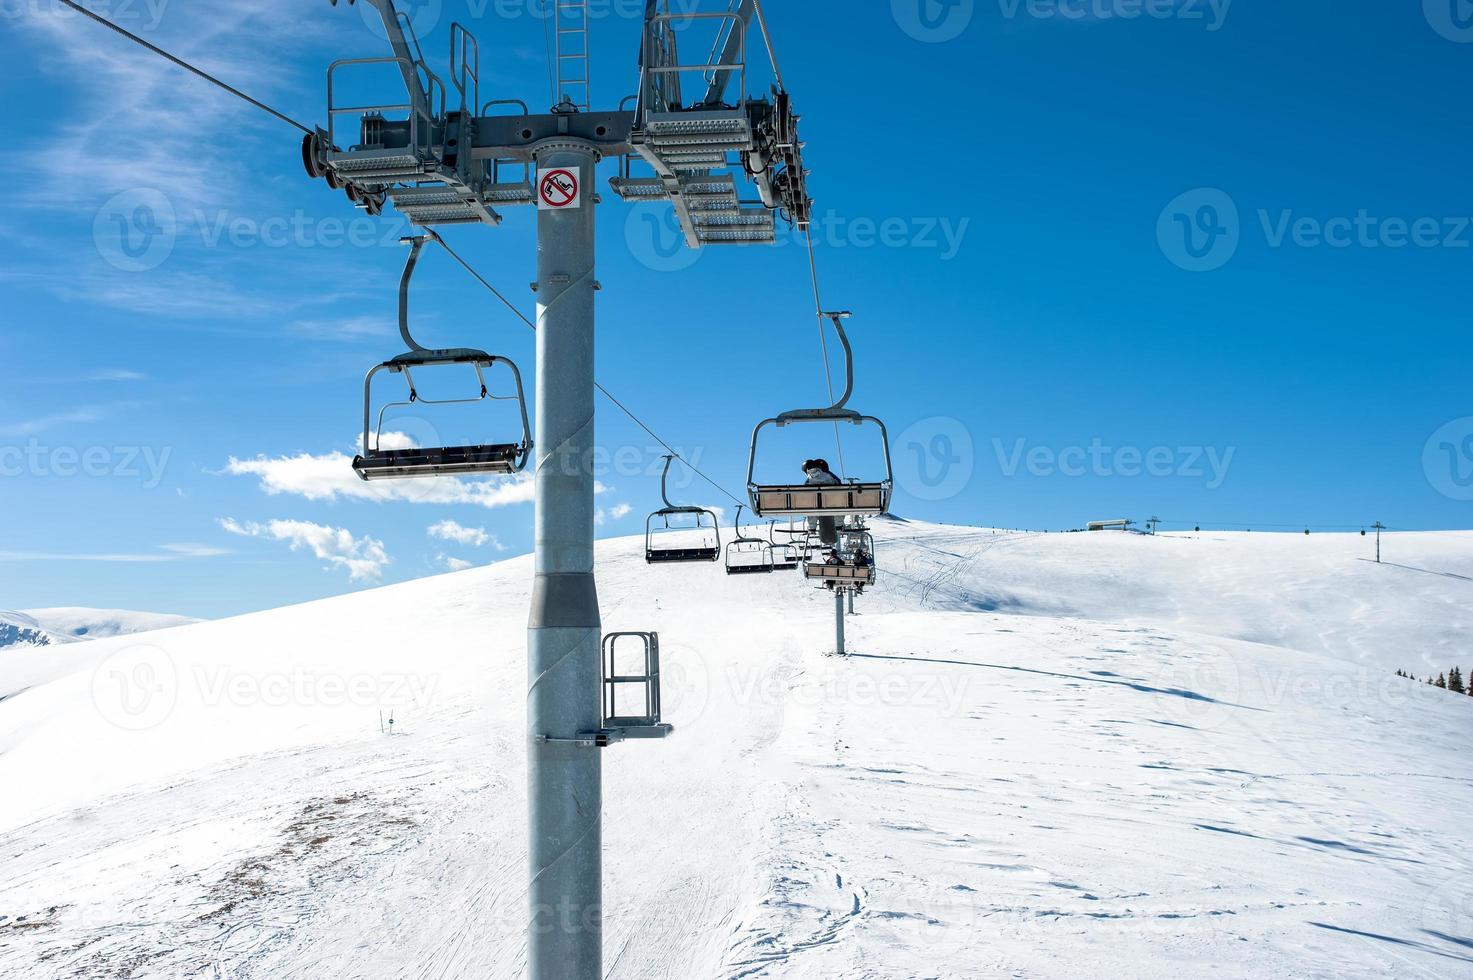 Sessellift auf Skipiste im Bergort foto